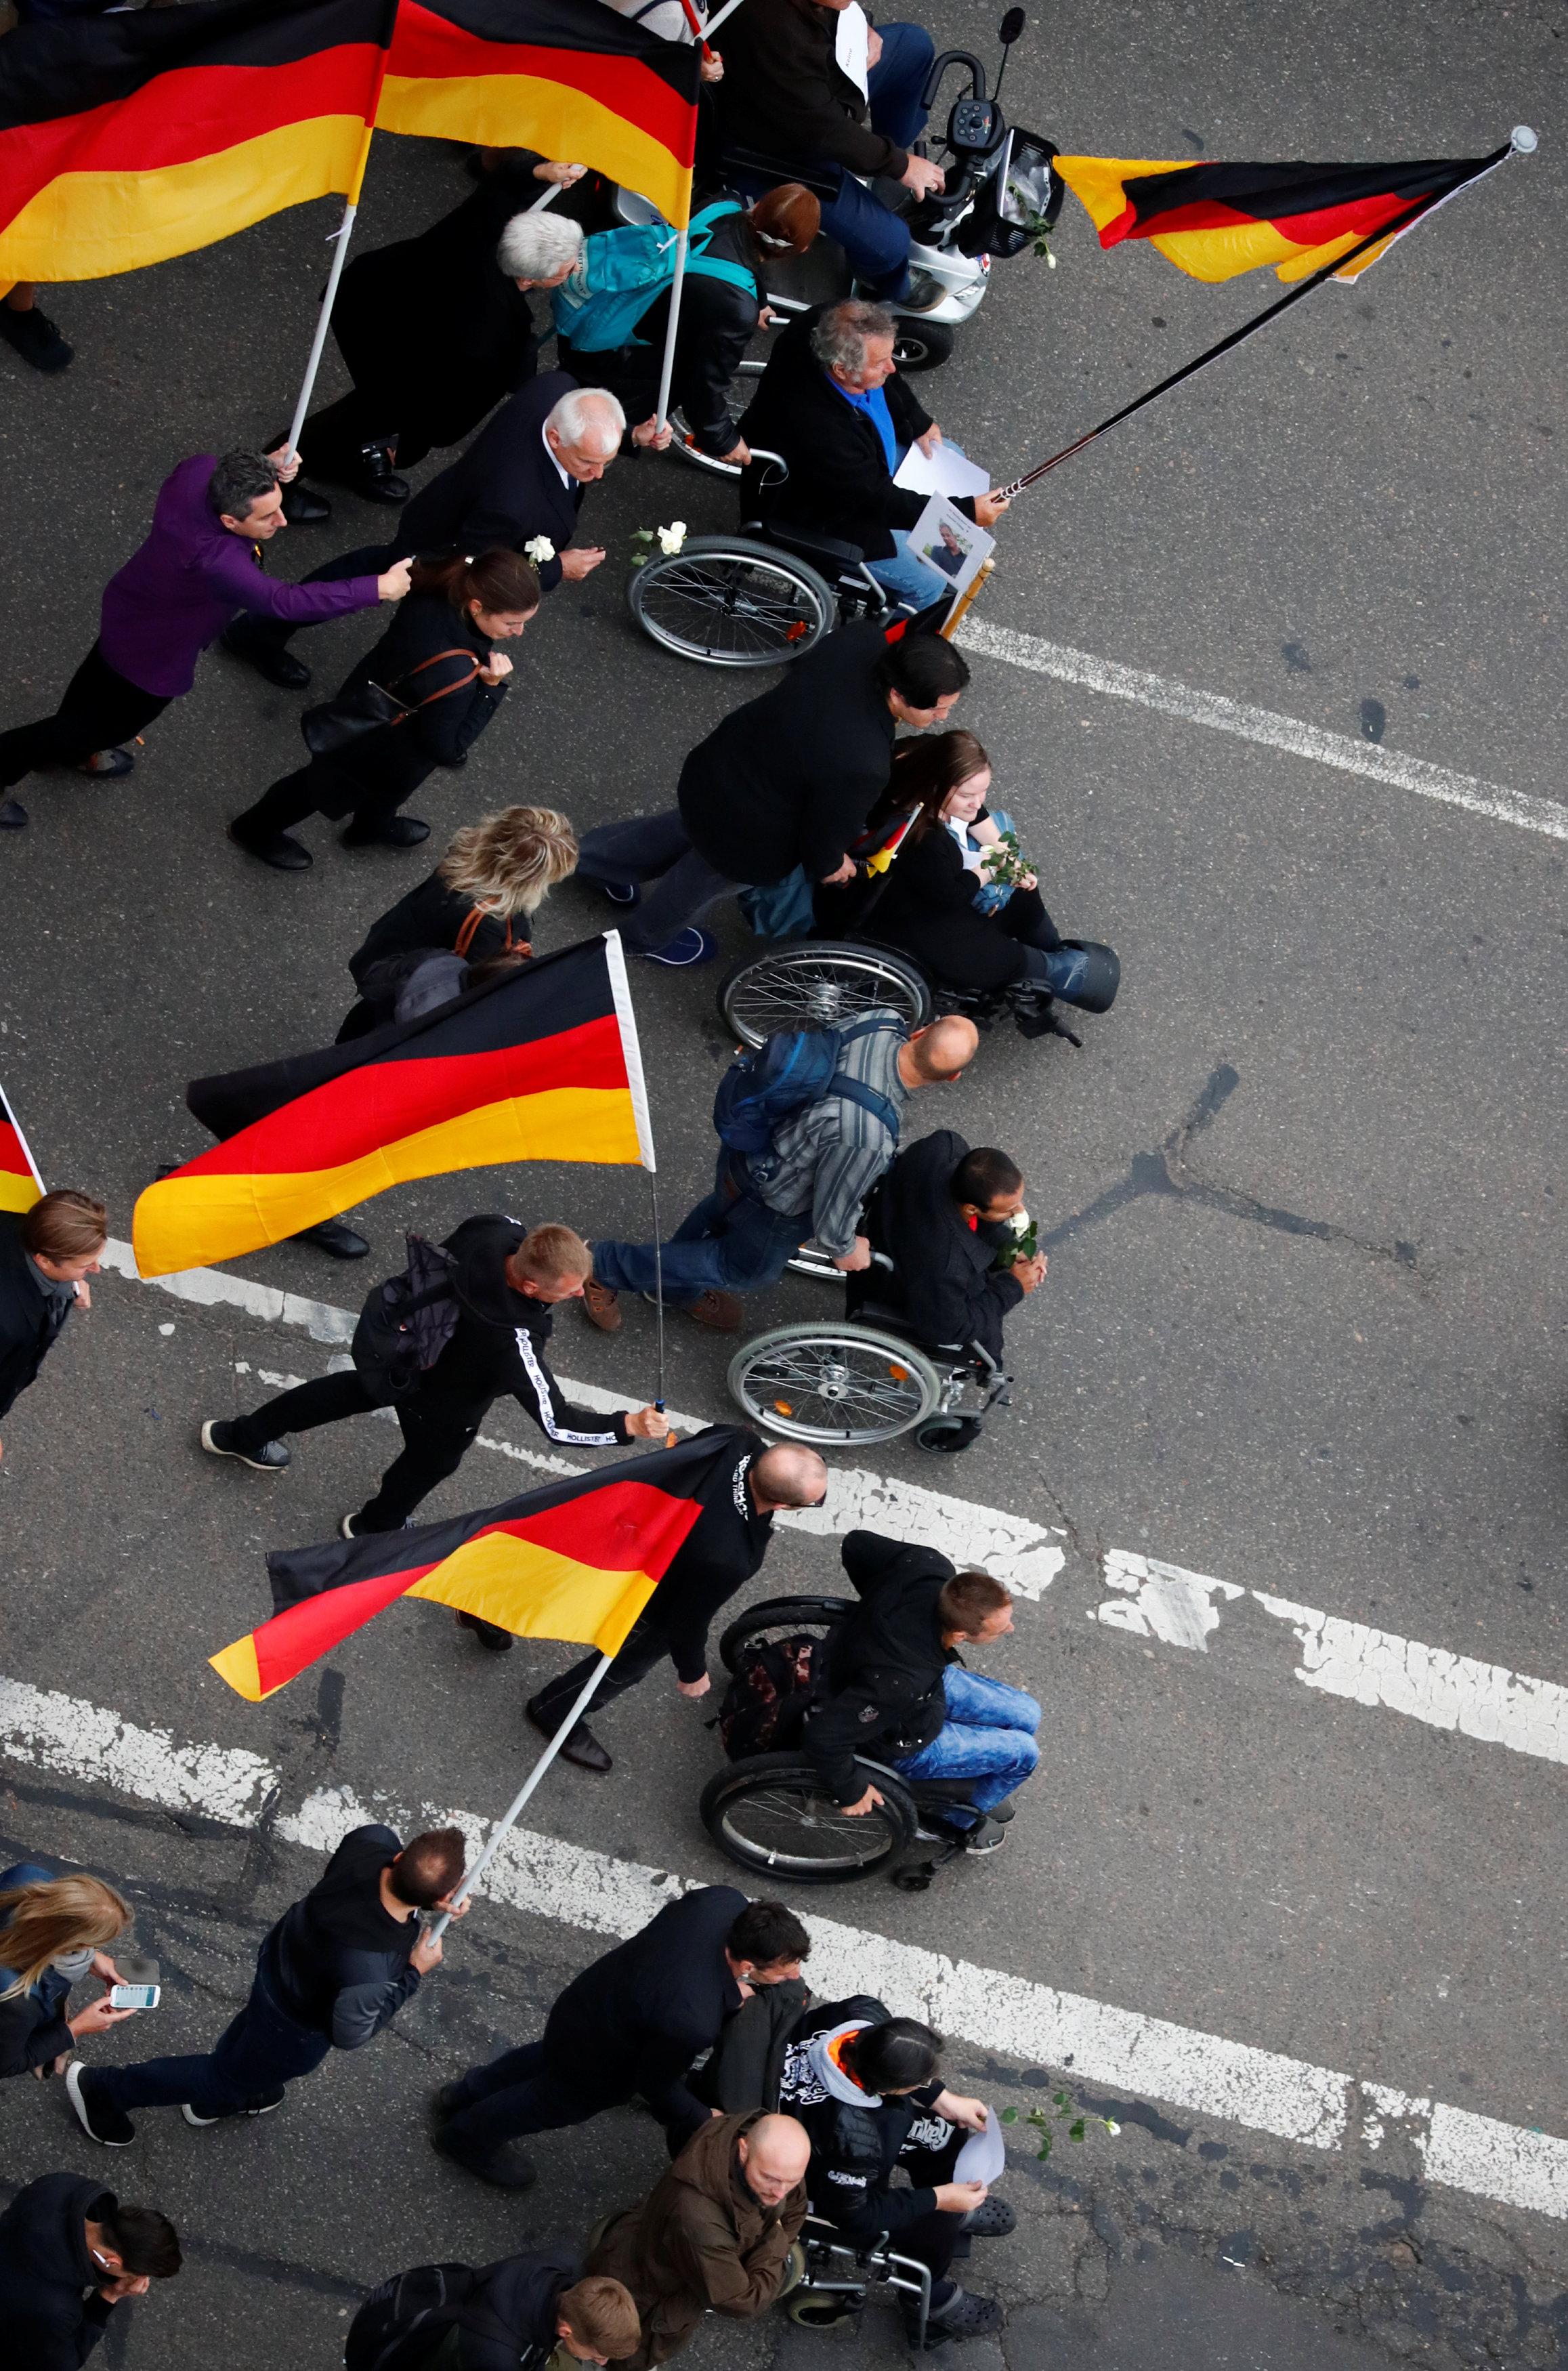 مظاهرات مناهضة للهجرة فى المانيا